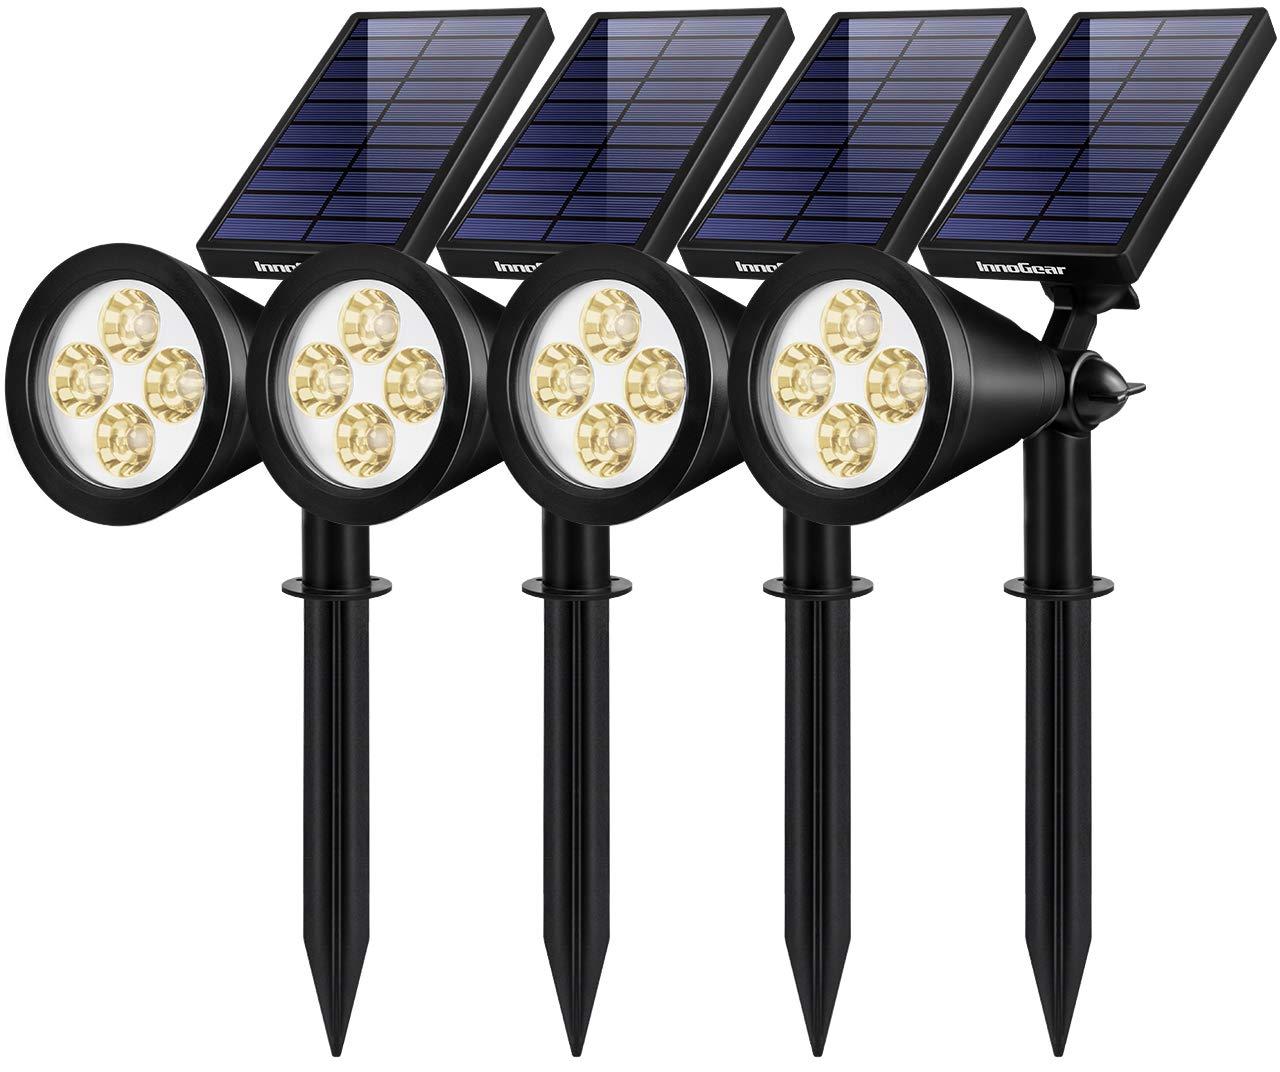 Floodlight: INNOGear Solar Light